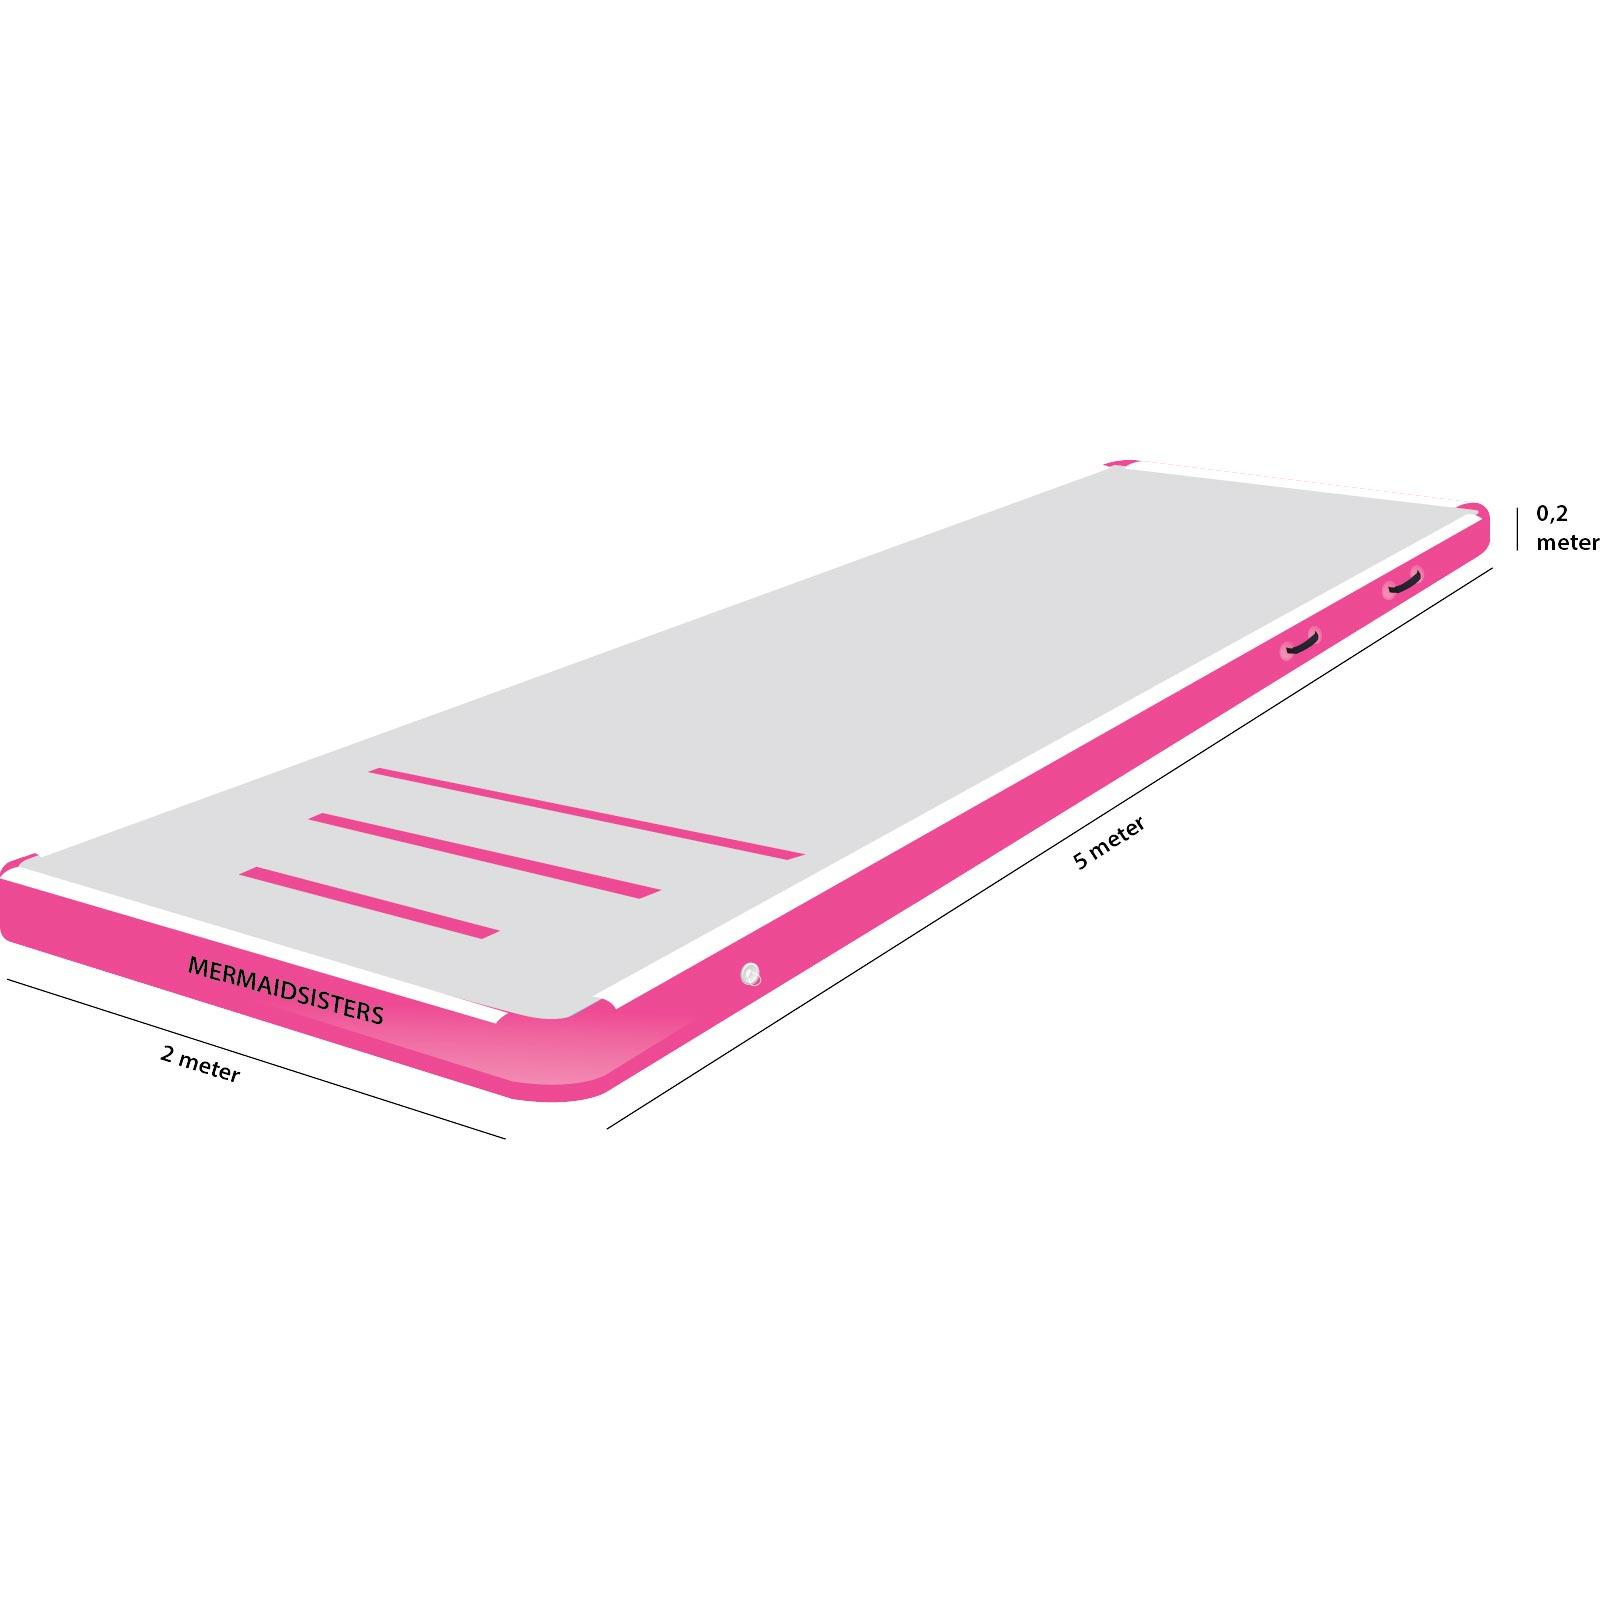 AirTrack 5 meter roze 2 meter breed 20 cm hoog